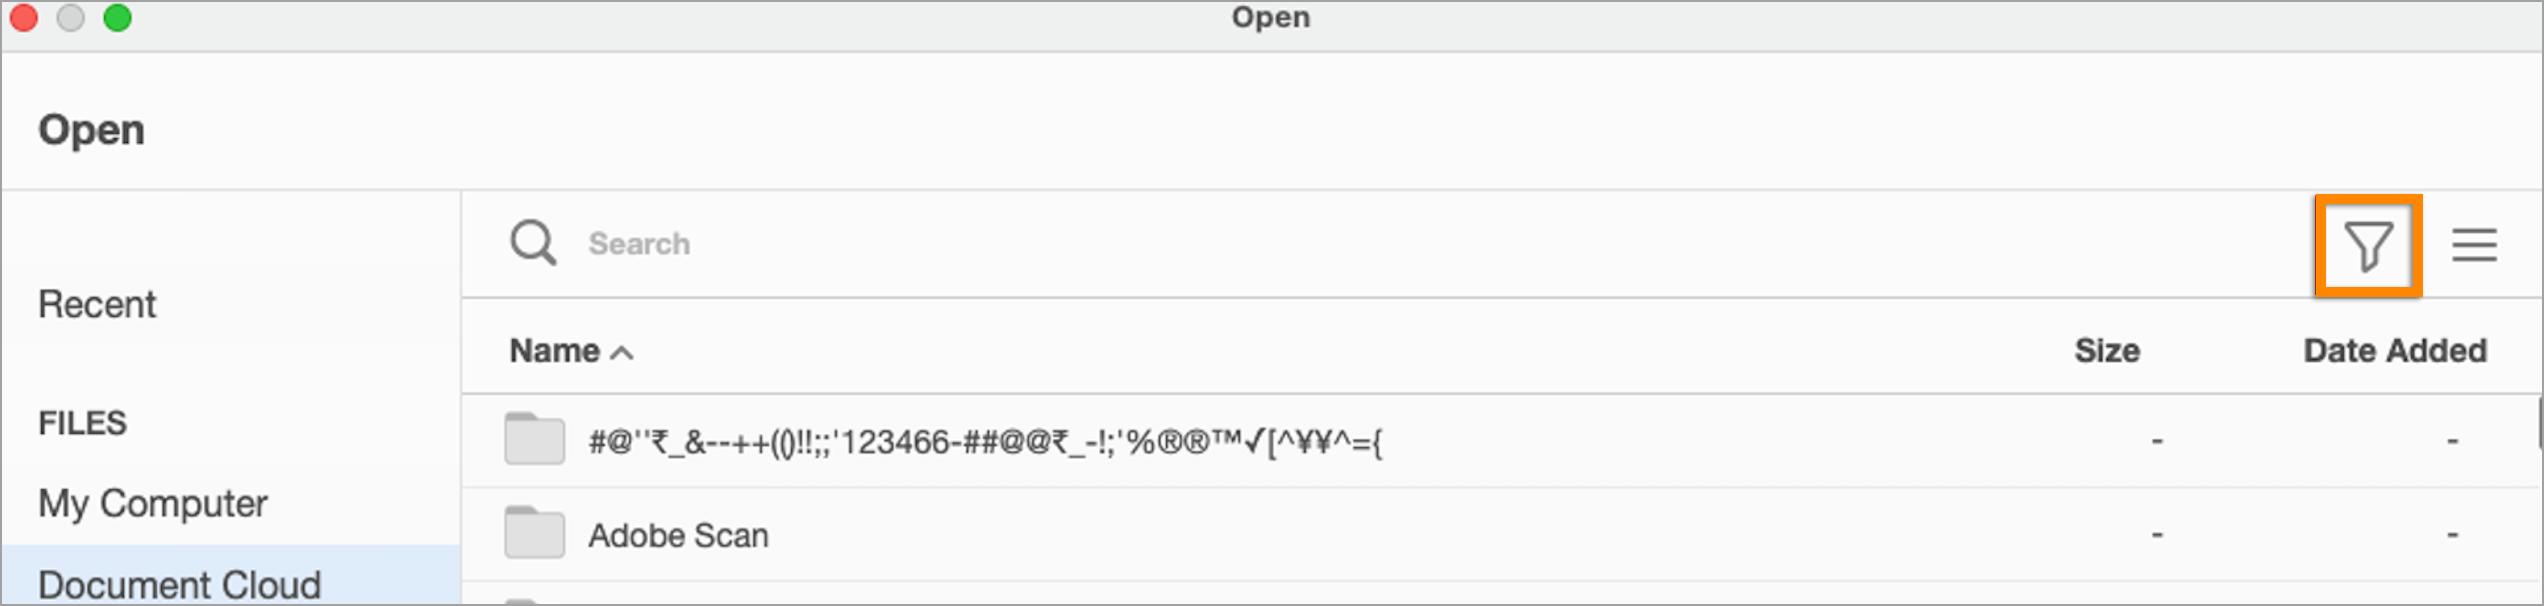 Filtro rimosso dalla finestra di dialogo per apertura file personalizzata in Document Cloud